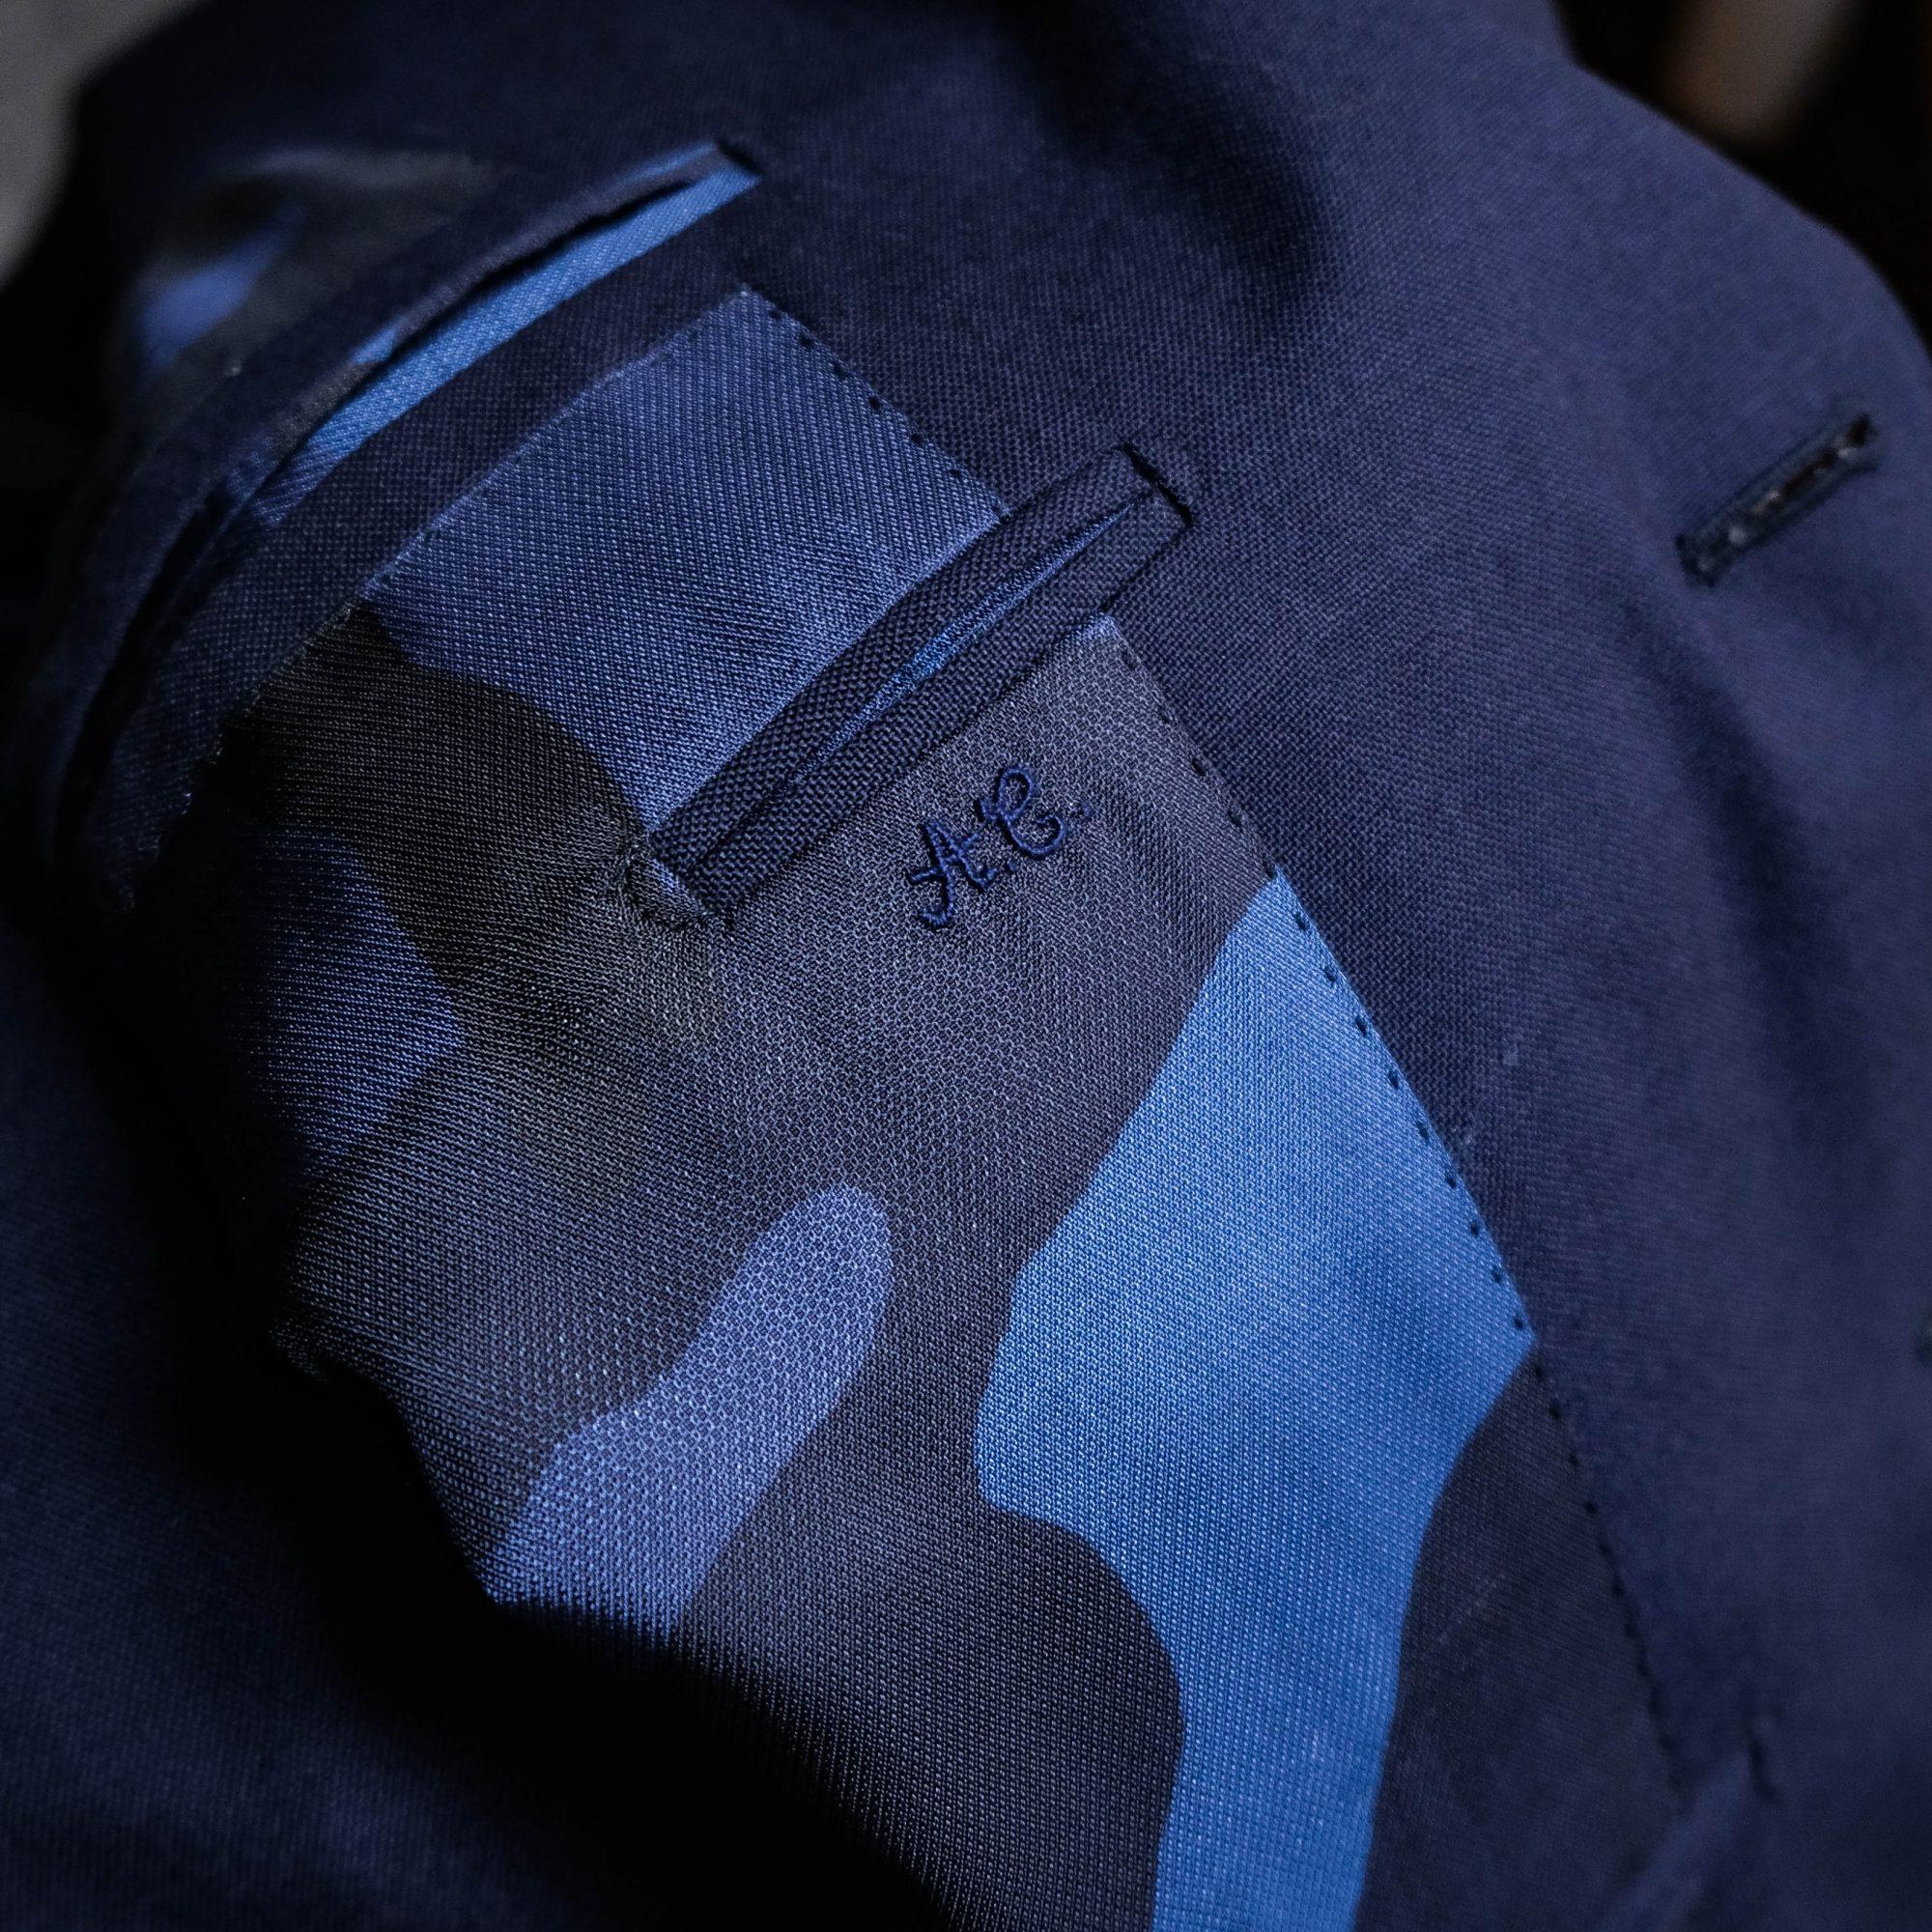 Initiales brodées sur une doublure de costume sur-mesure.